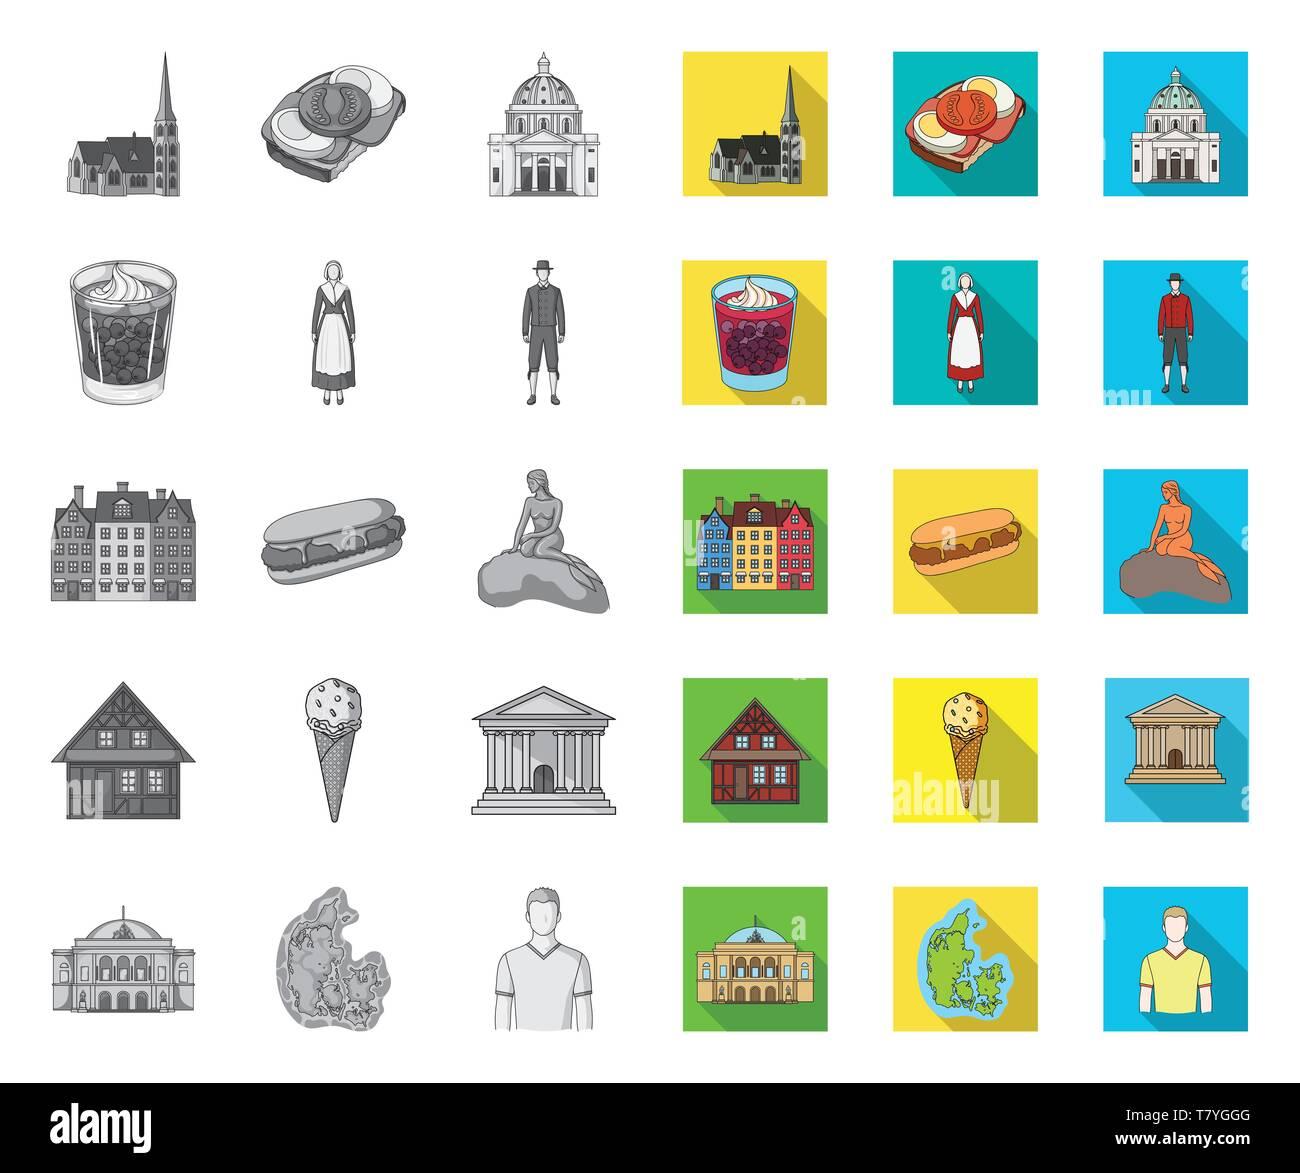 País Dinamarca mono,iconos planas en conjunto para el diseño. Viajes y atracciones Dinamarca símbolo vector stock ilustración. Ilustración del Vector